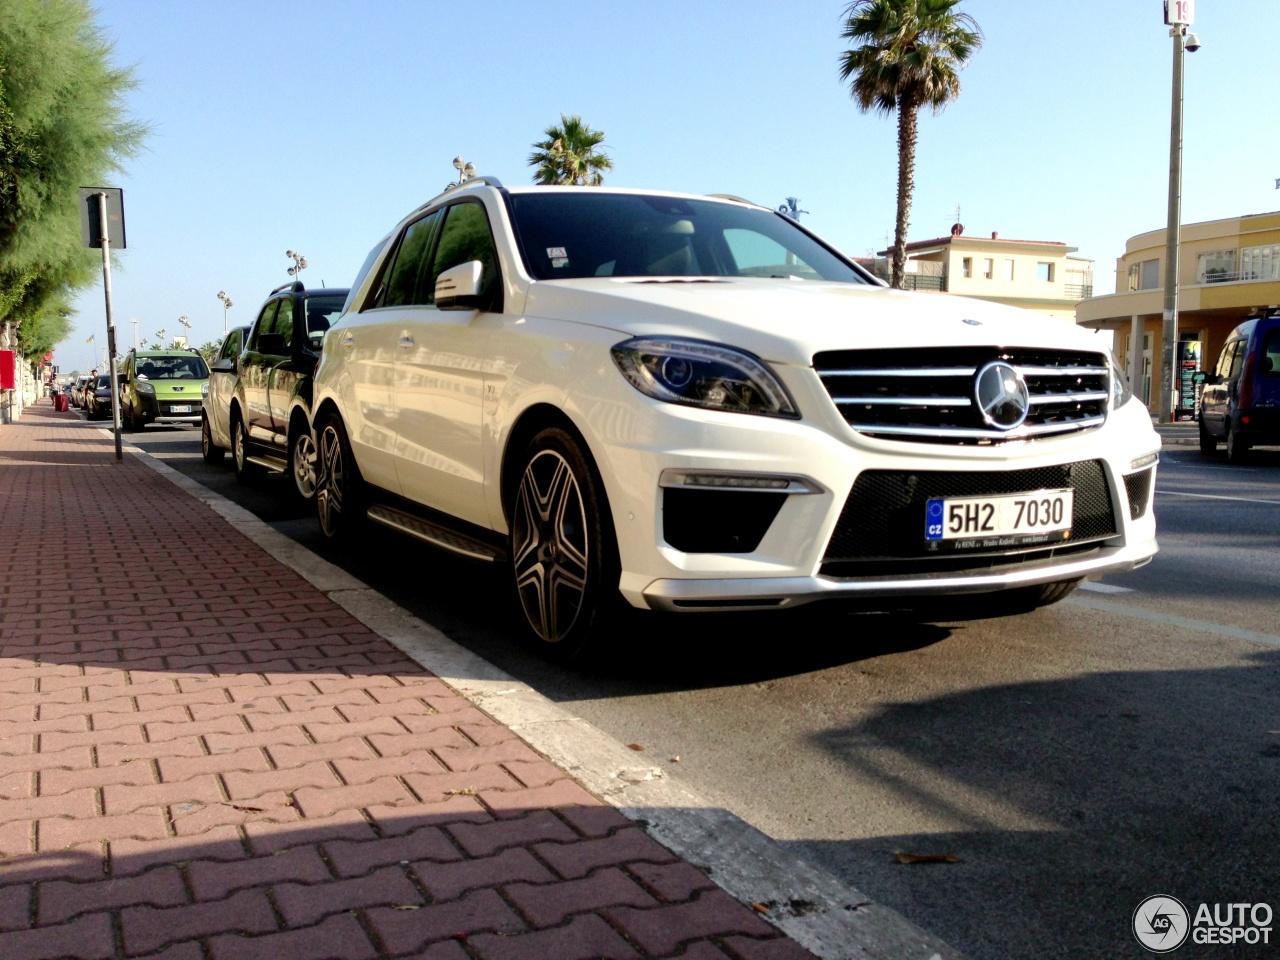 Mercedes benz ml 63 amg w166 8 august 2013 autogespot for 08 mercedes benz